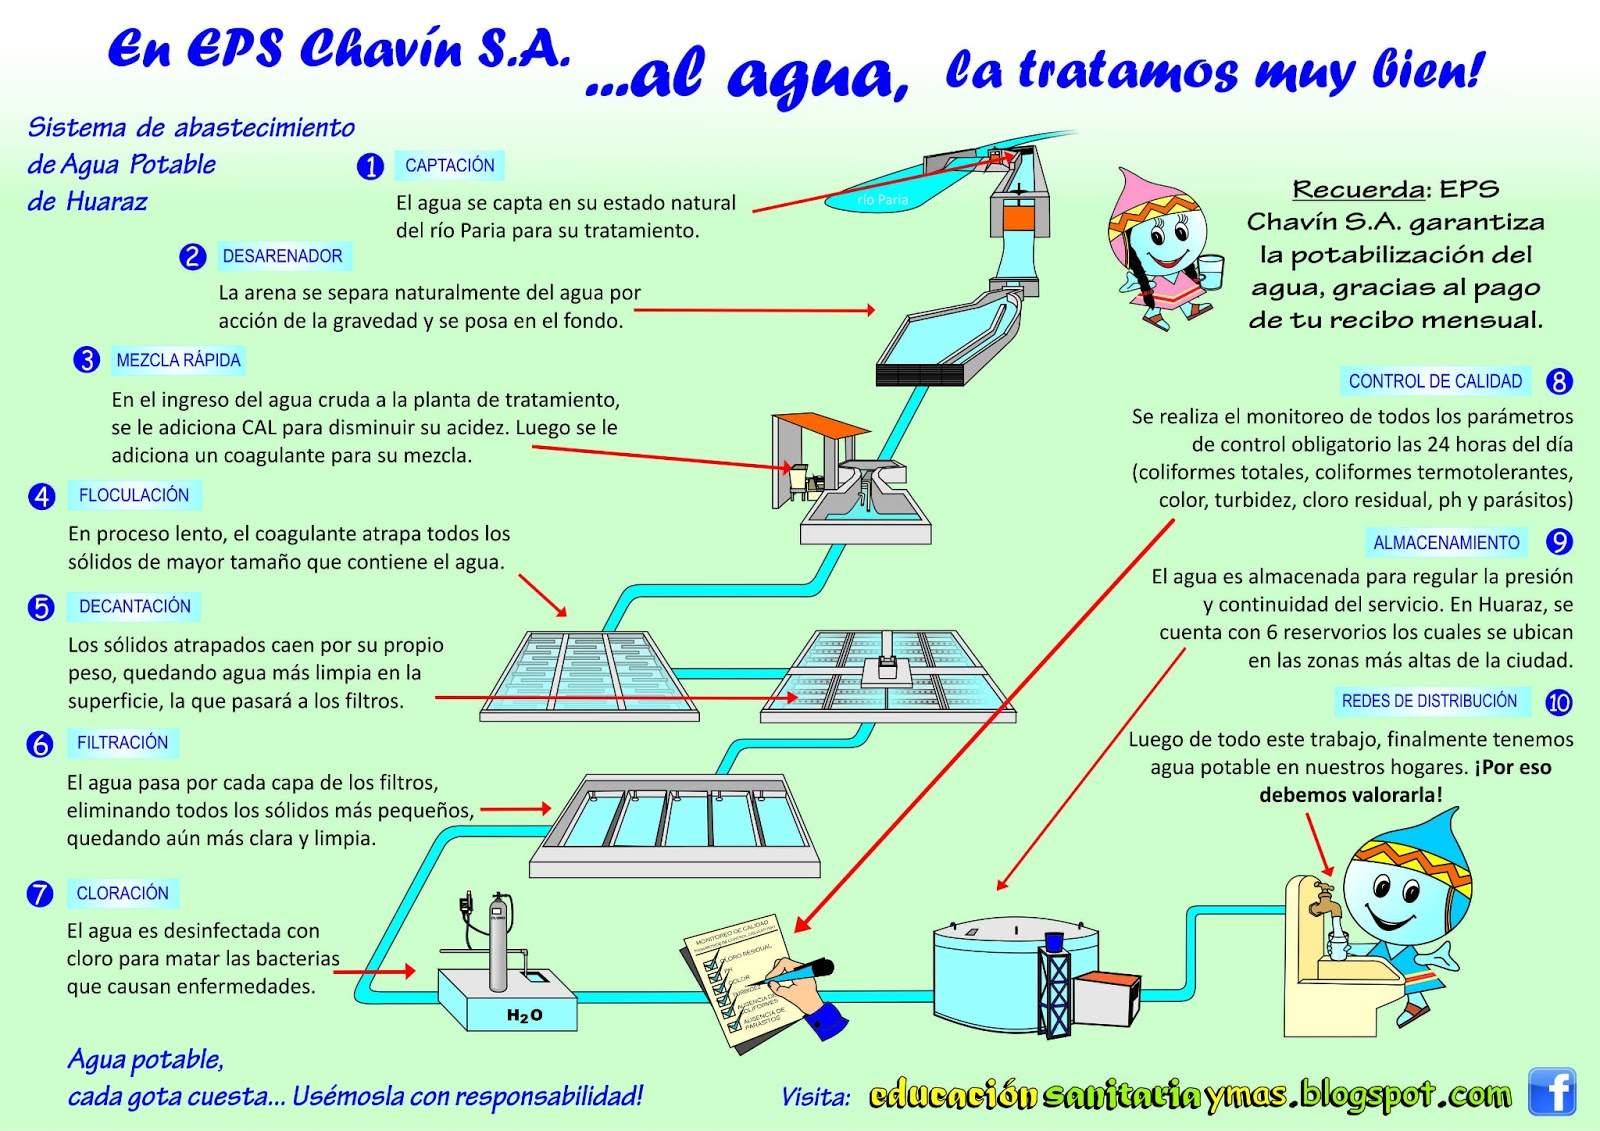 Folleto de potabilización del agua para la ciudad de Huaraz